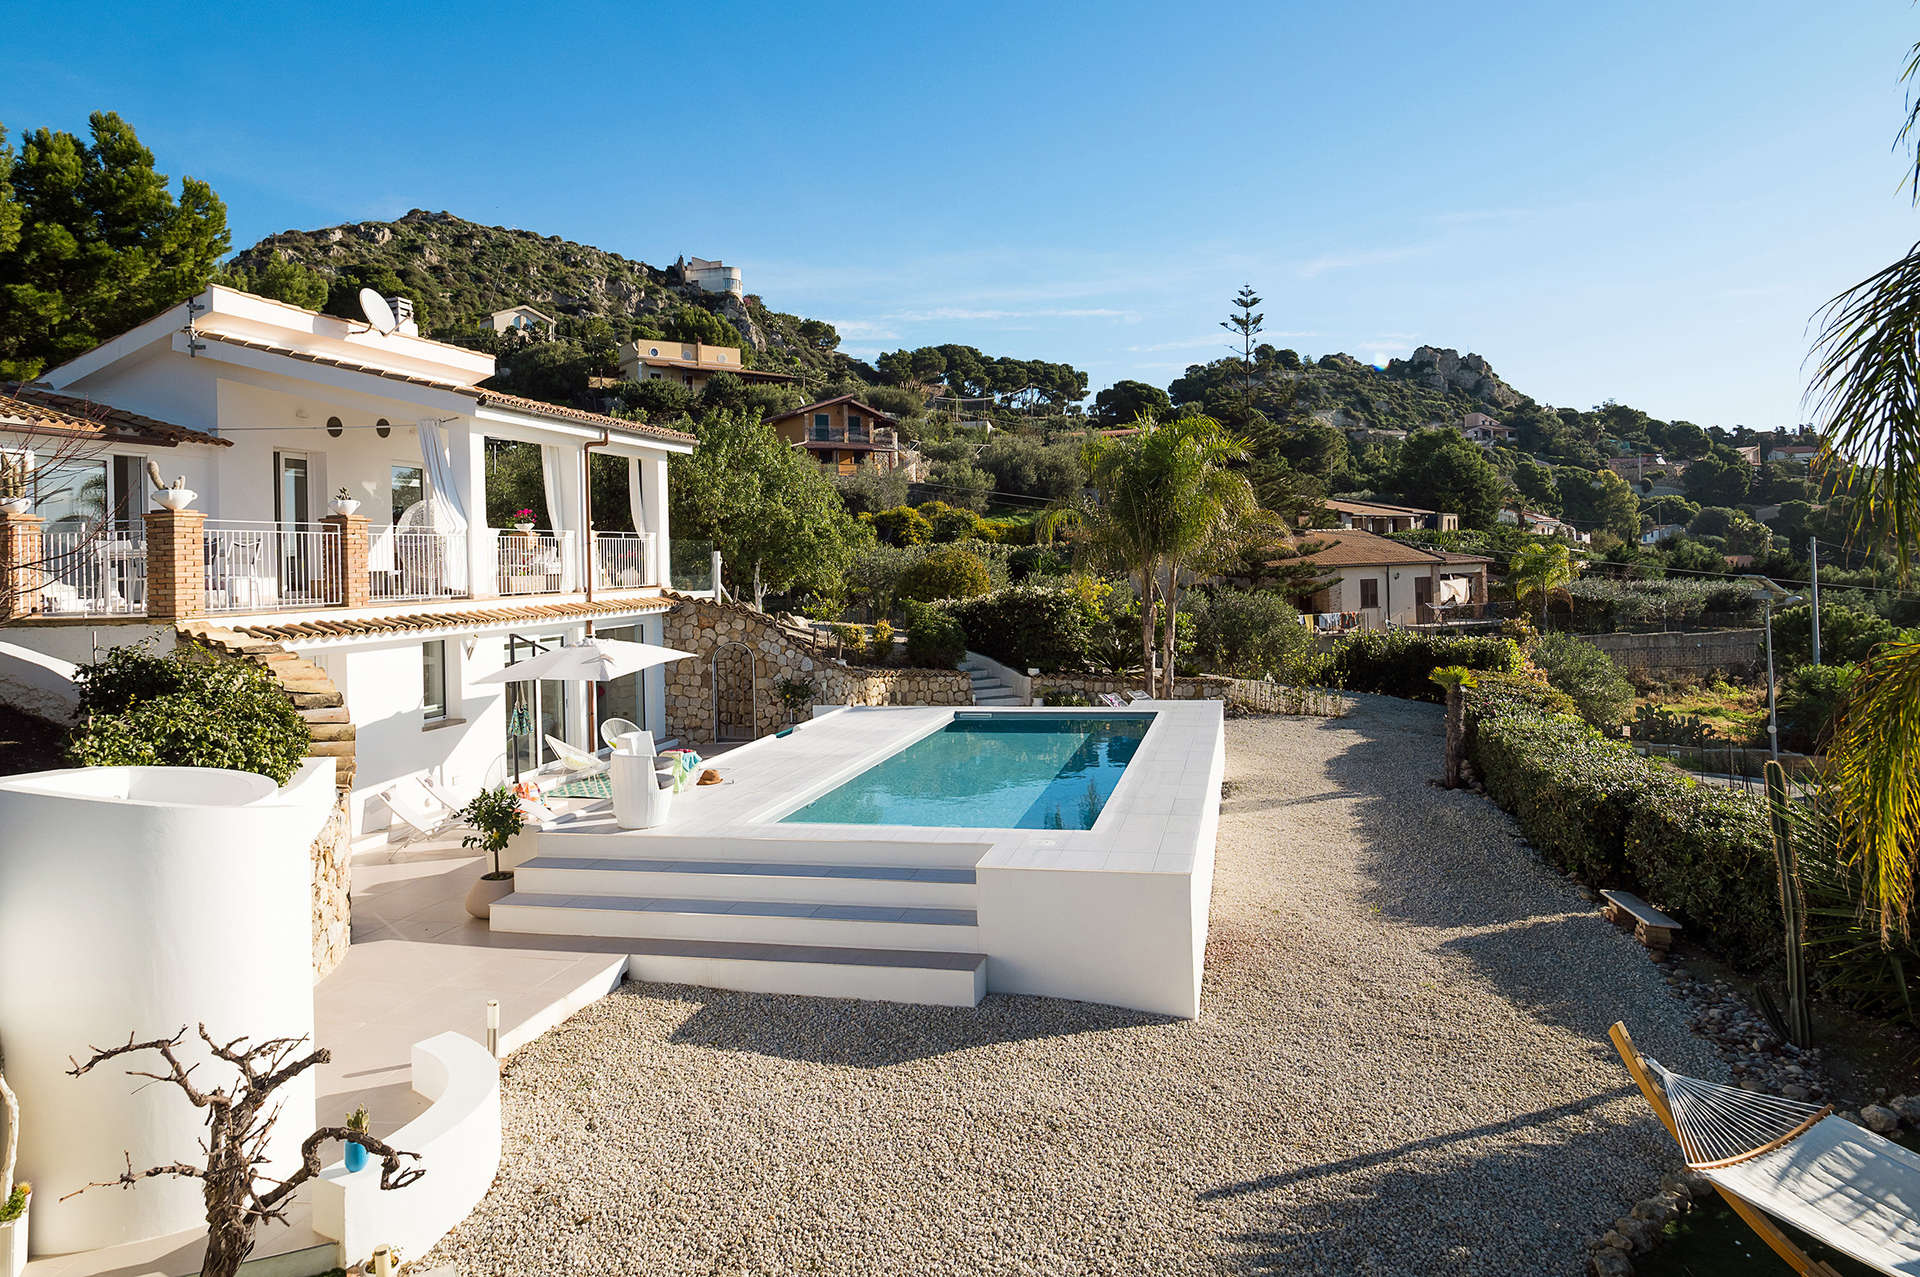 Luxury vacation rentals europe - Italy - Sicily - Licata - Villa Pales - Image 1/47